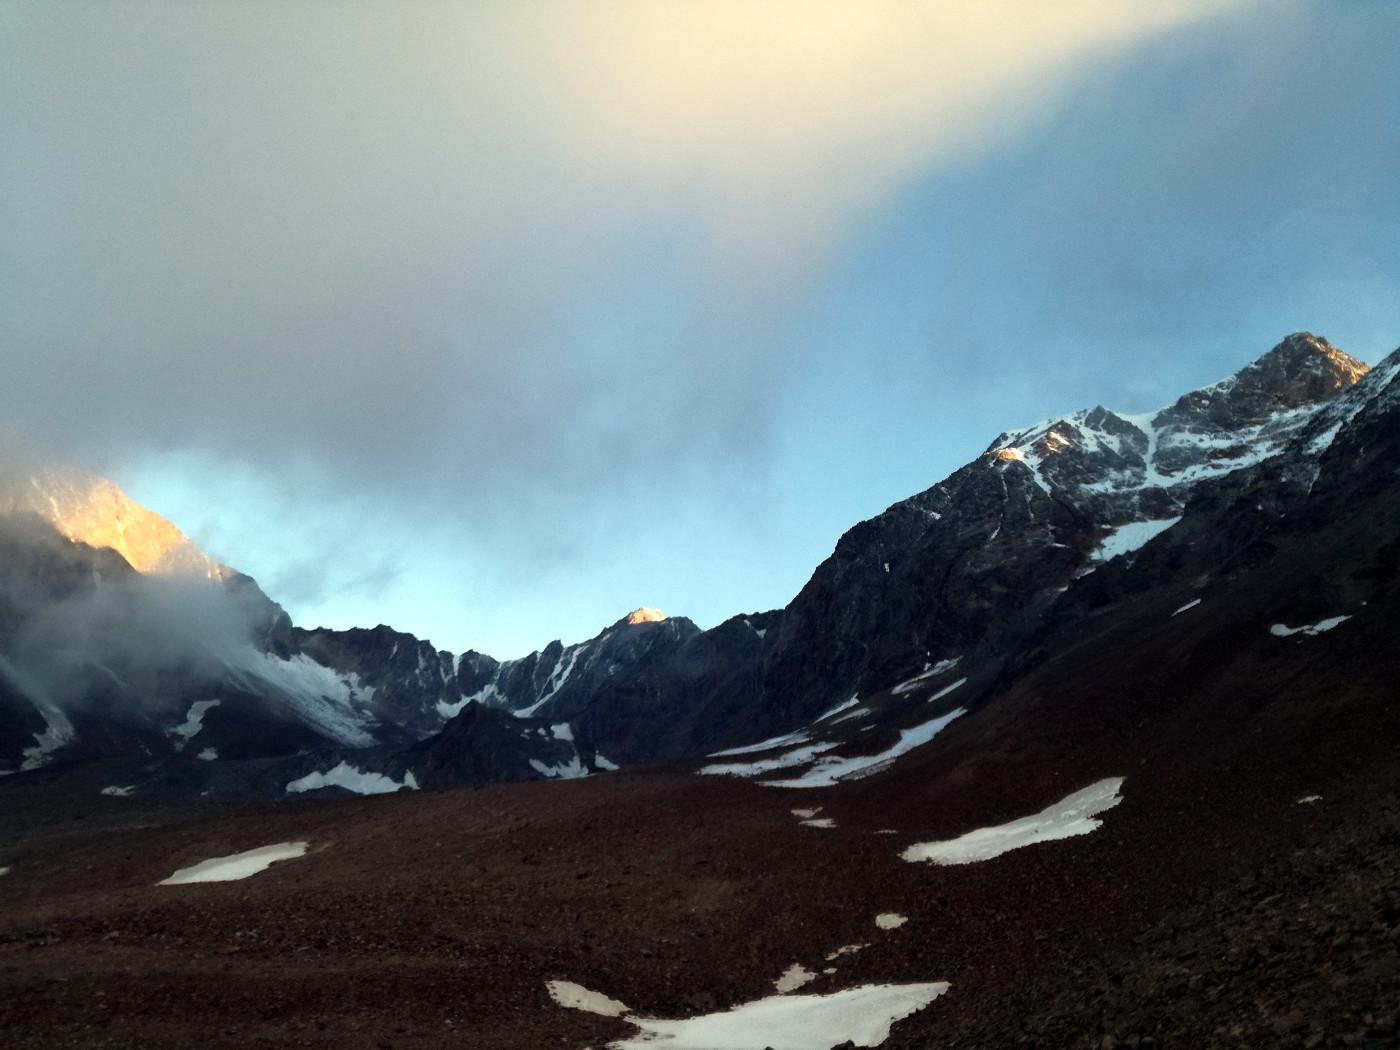 Kurz hinter der Bresslauer Hütte öffnet sich in weites Schuttkar unterhalb der Wildspitze